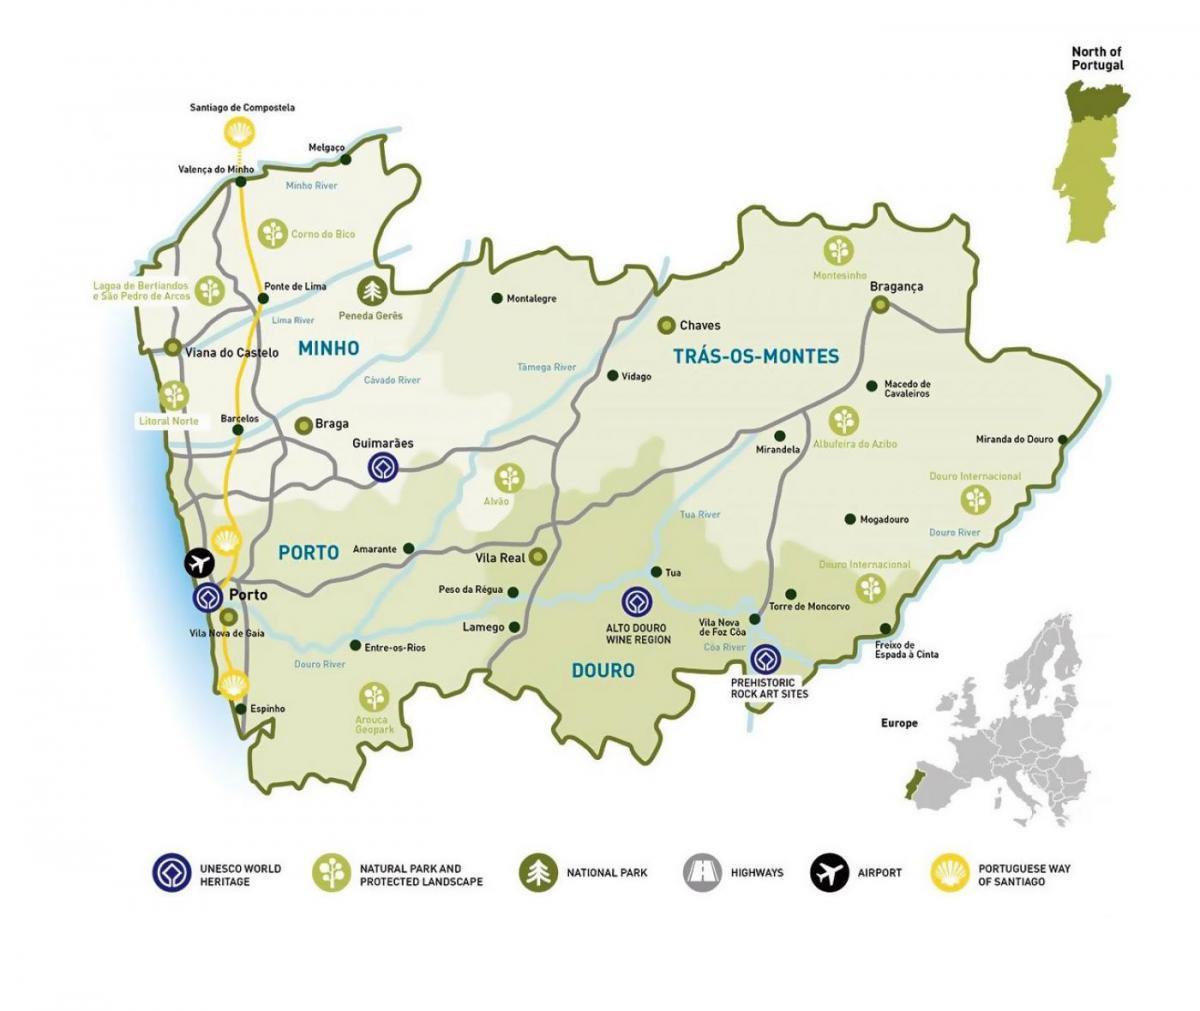 Região Norte Mapa De Portugal Norte.Mapa Regiao Norte De Portugal Mapa